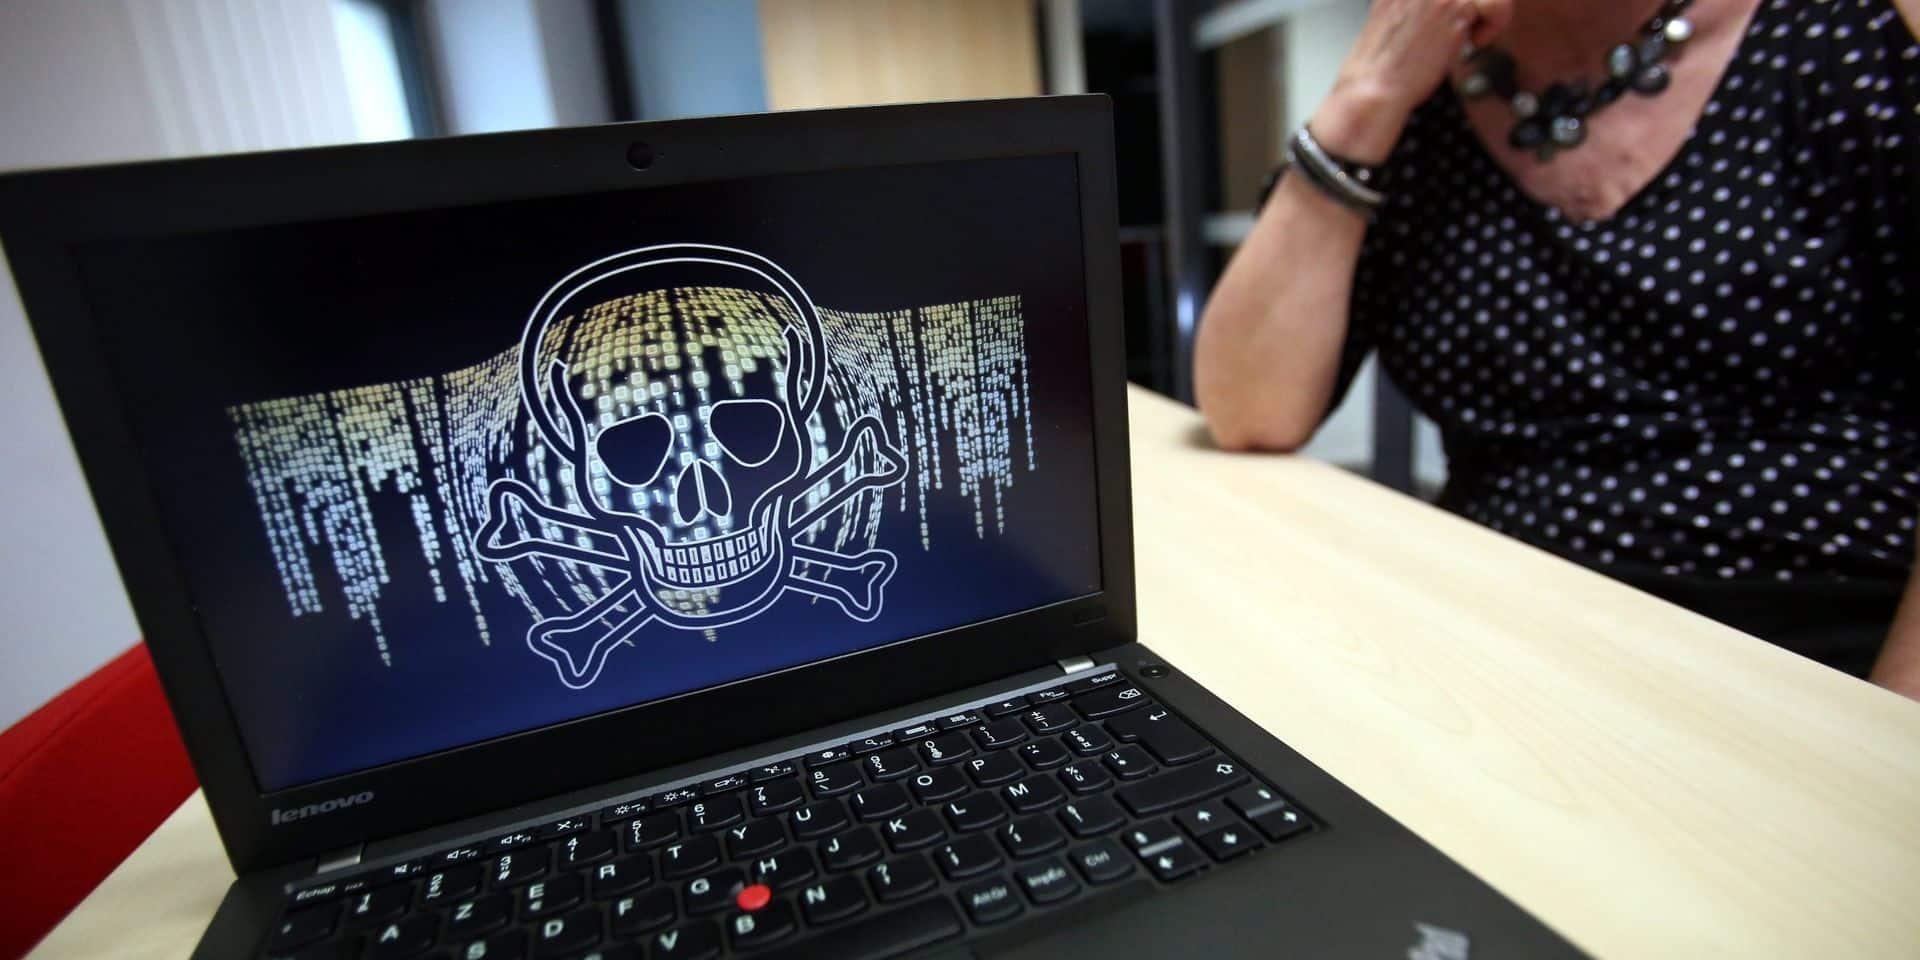 Cybercriminalité: les entreprises paient les pirates en bitcoin pour retrouver leurs données